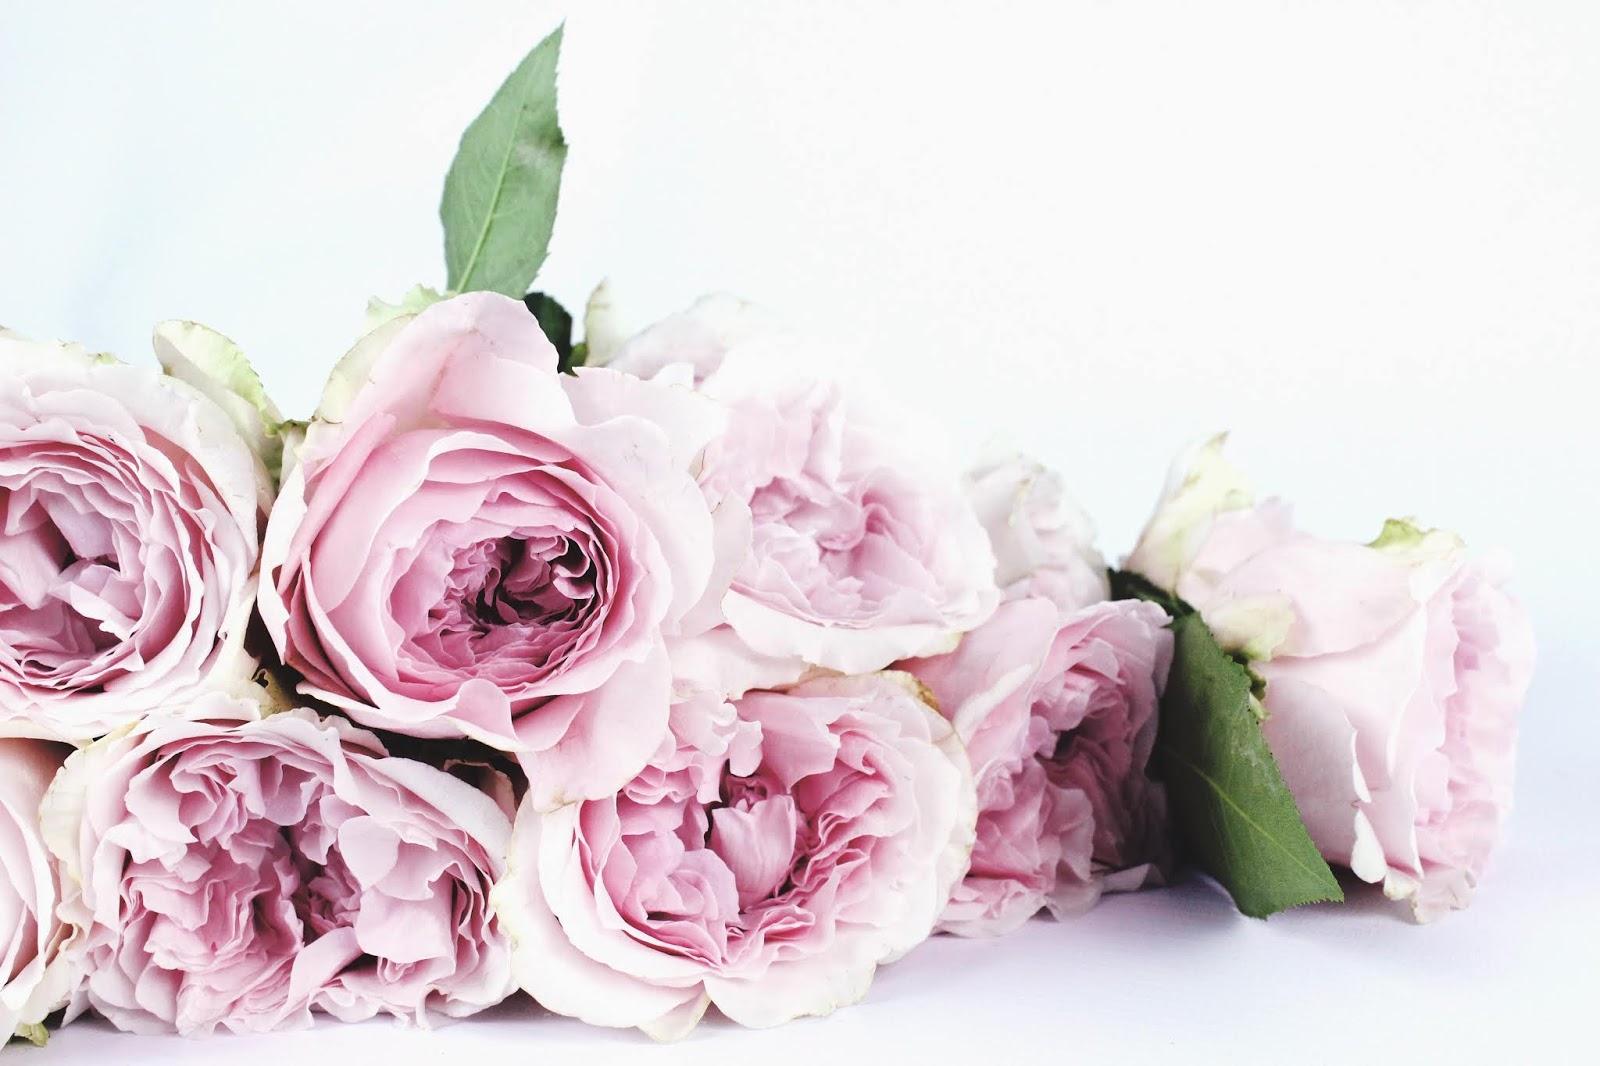 Dimmi che fiore ti piace e ti dirò chi sei